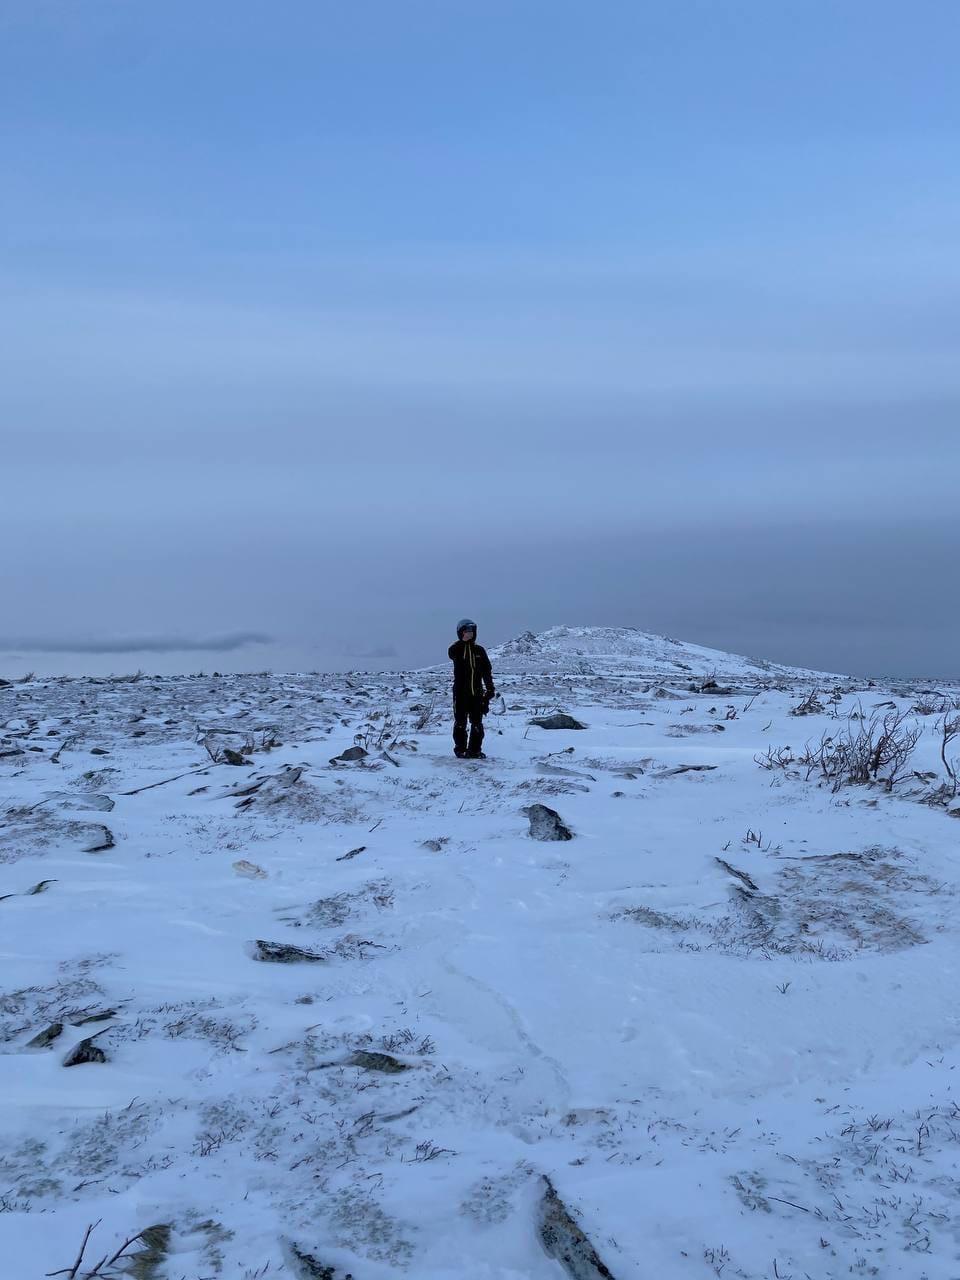 Возвращаюсь из невероятной экспедиции на перевал Дятлова.